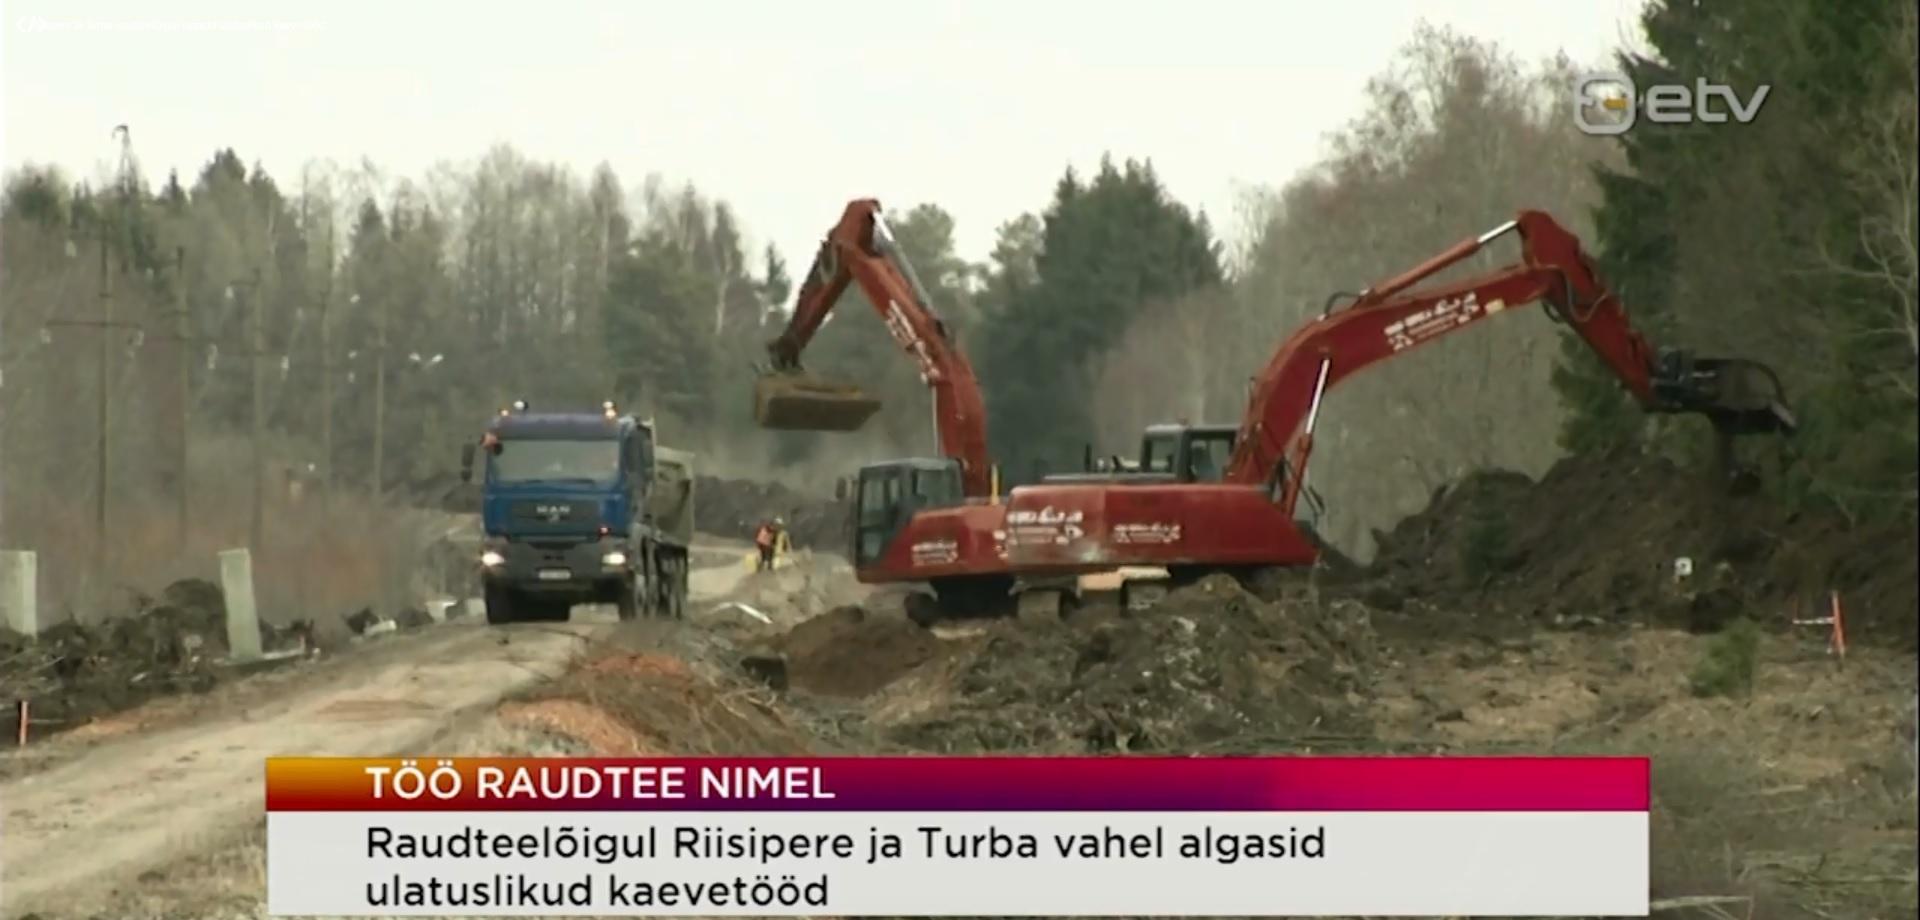 Riisipere ja Turba raudteelõigul algasid ulatuslikud kaevetööd